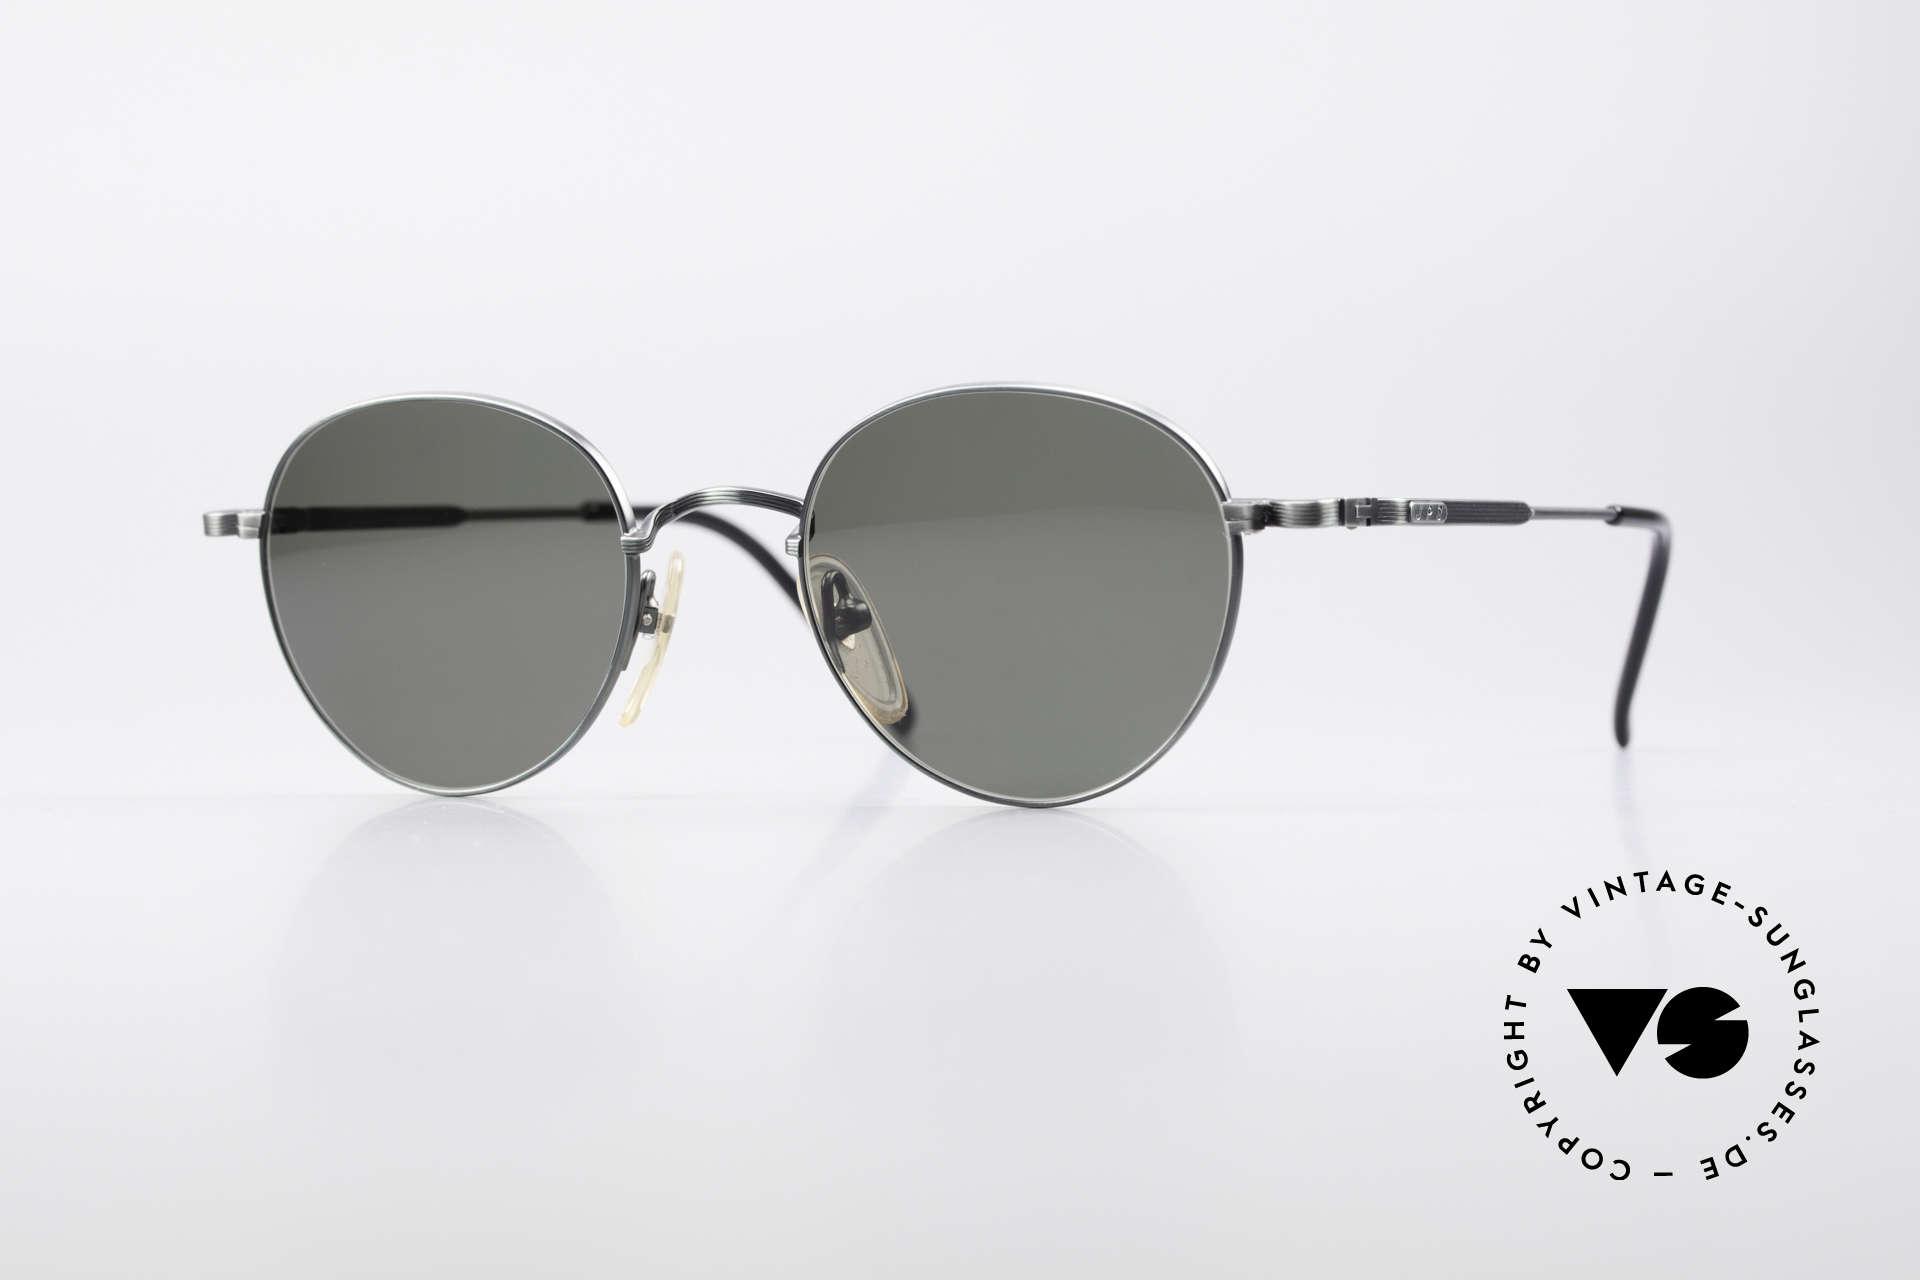 Jean Paul Gaultier 55-1174 Runde Designer Sonnenbrille, runde vintage Designersonnenbrille von JP GAULTIER, Passend für Herren und Damen